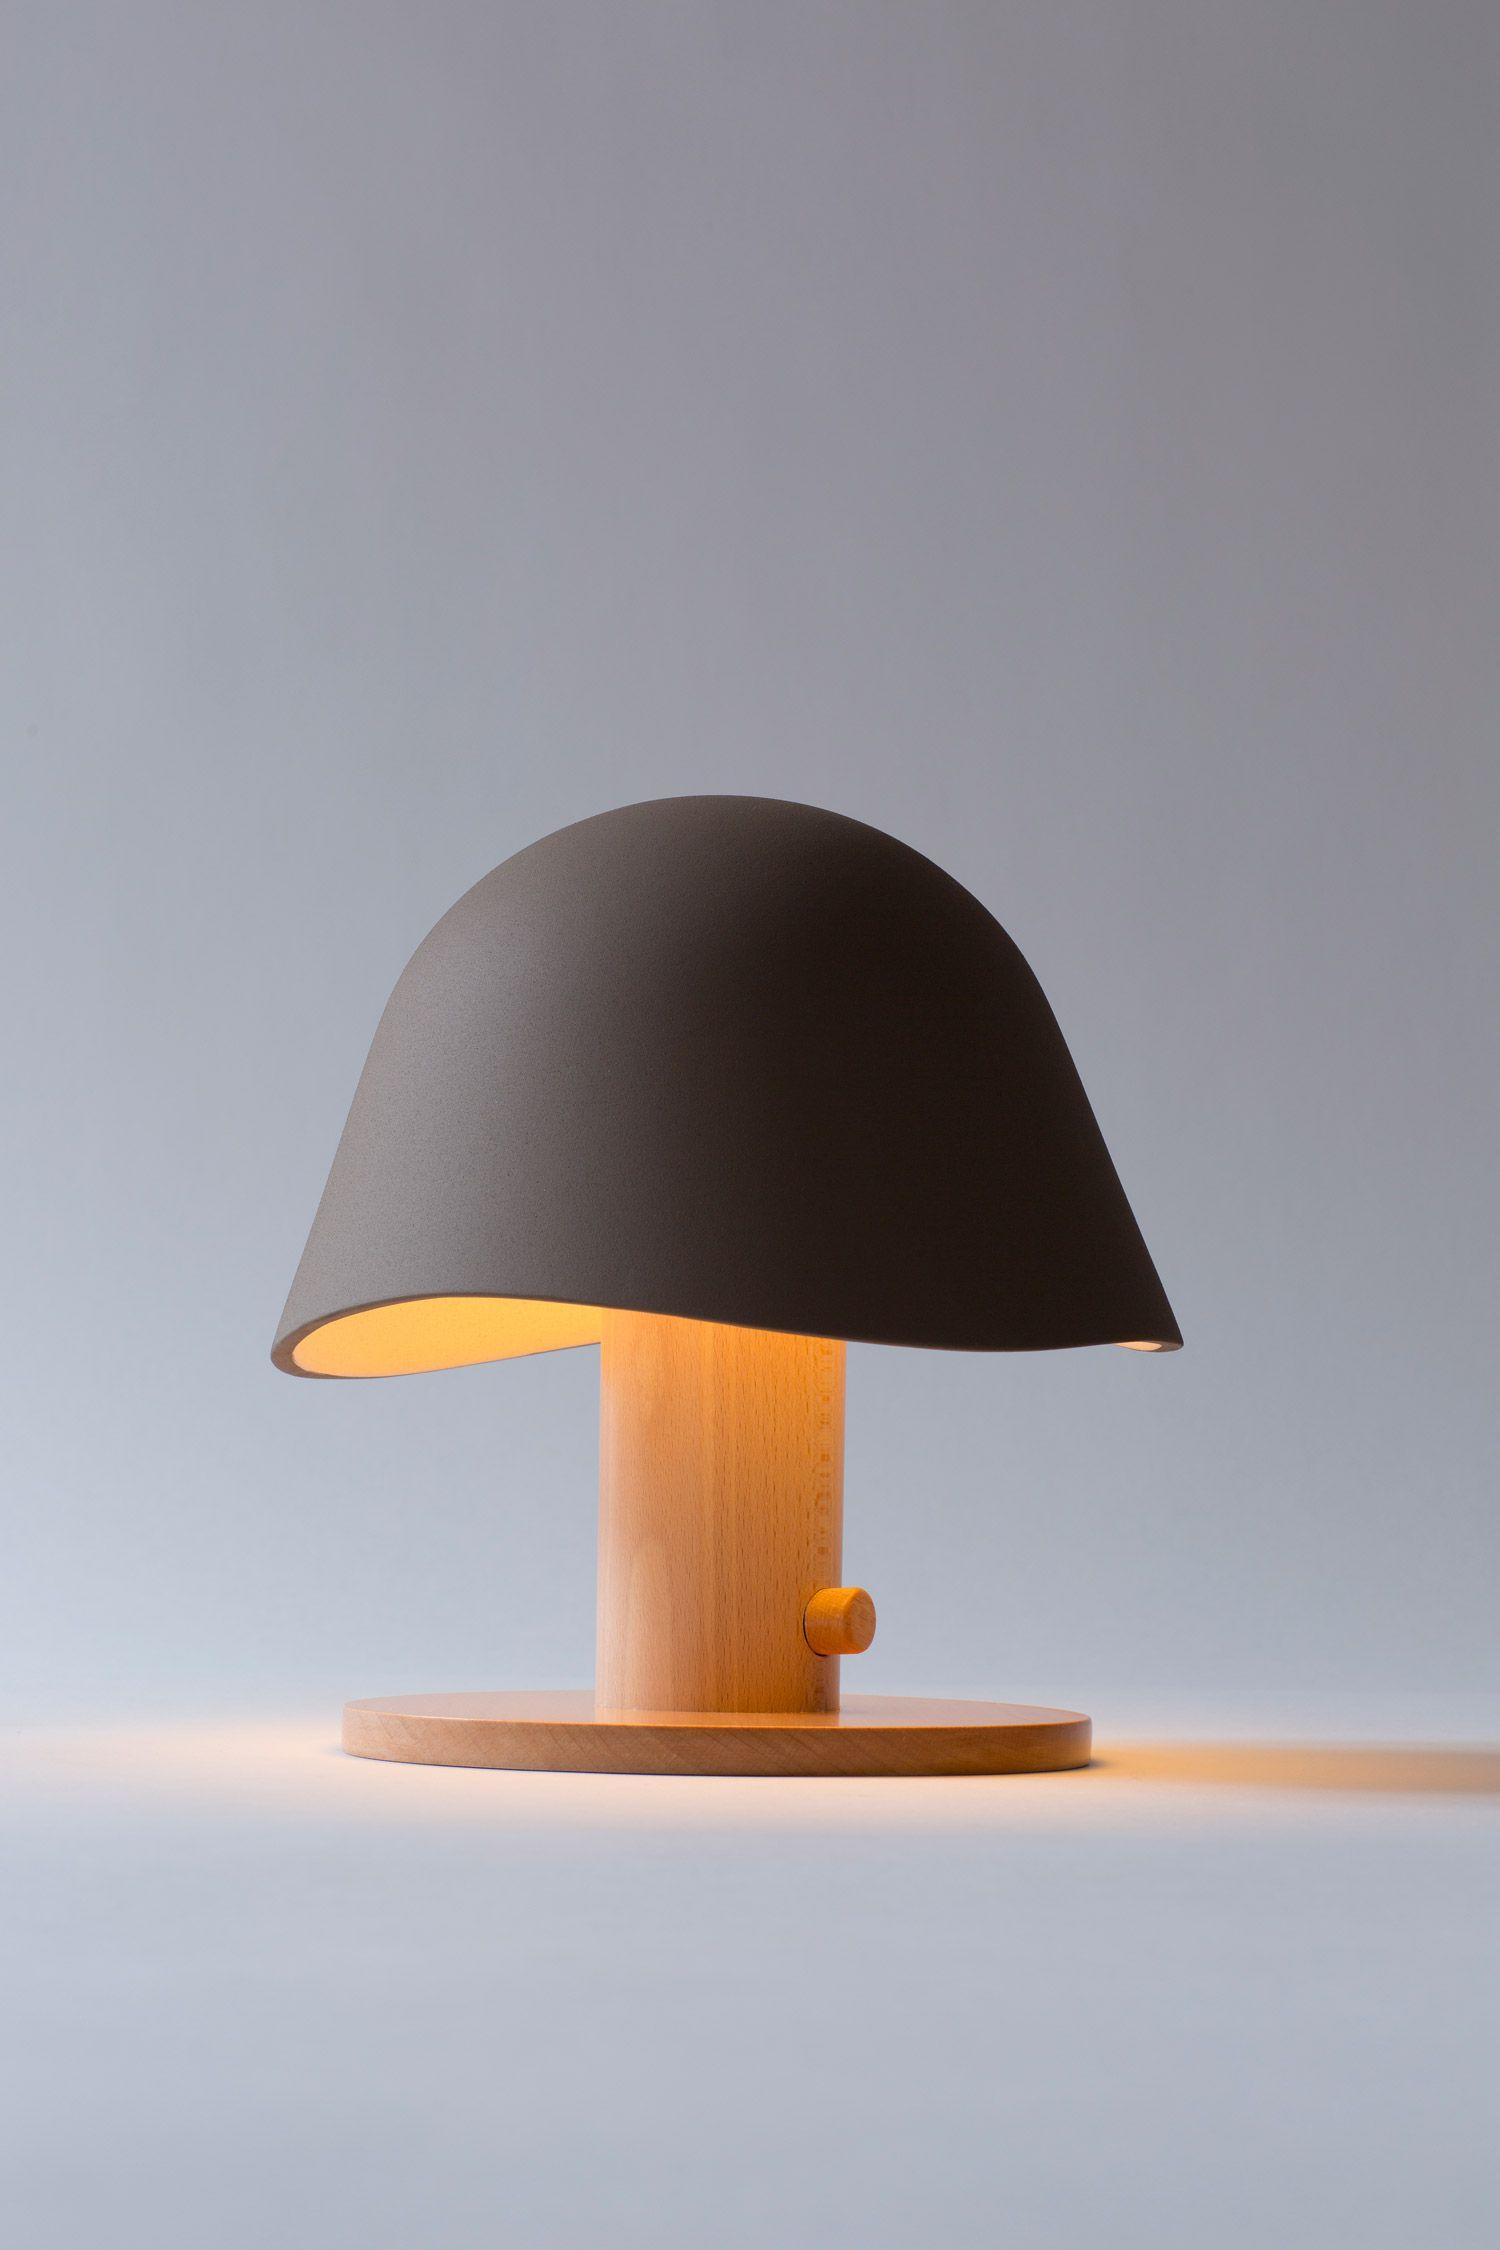 Garay Studio Mush Lamp Cool Lamps Lamp Lamp Design